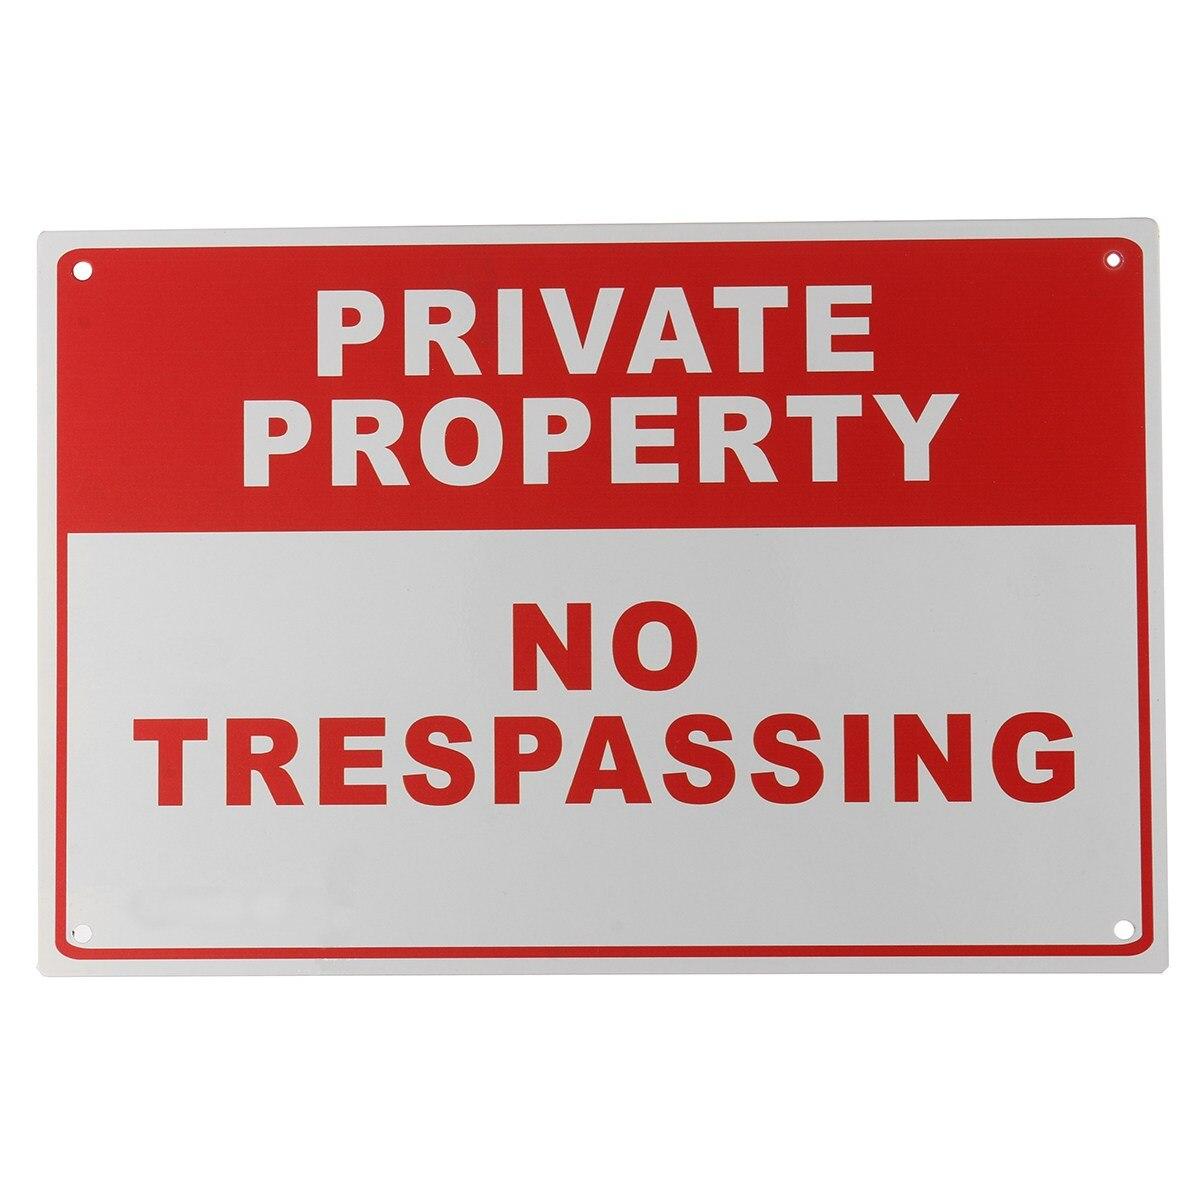 Safurance частной собственности Посторонним вход воспрещен металла Детская безопасность Предупреждение знак 4 отверстие 20x30 см охранных